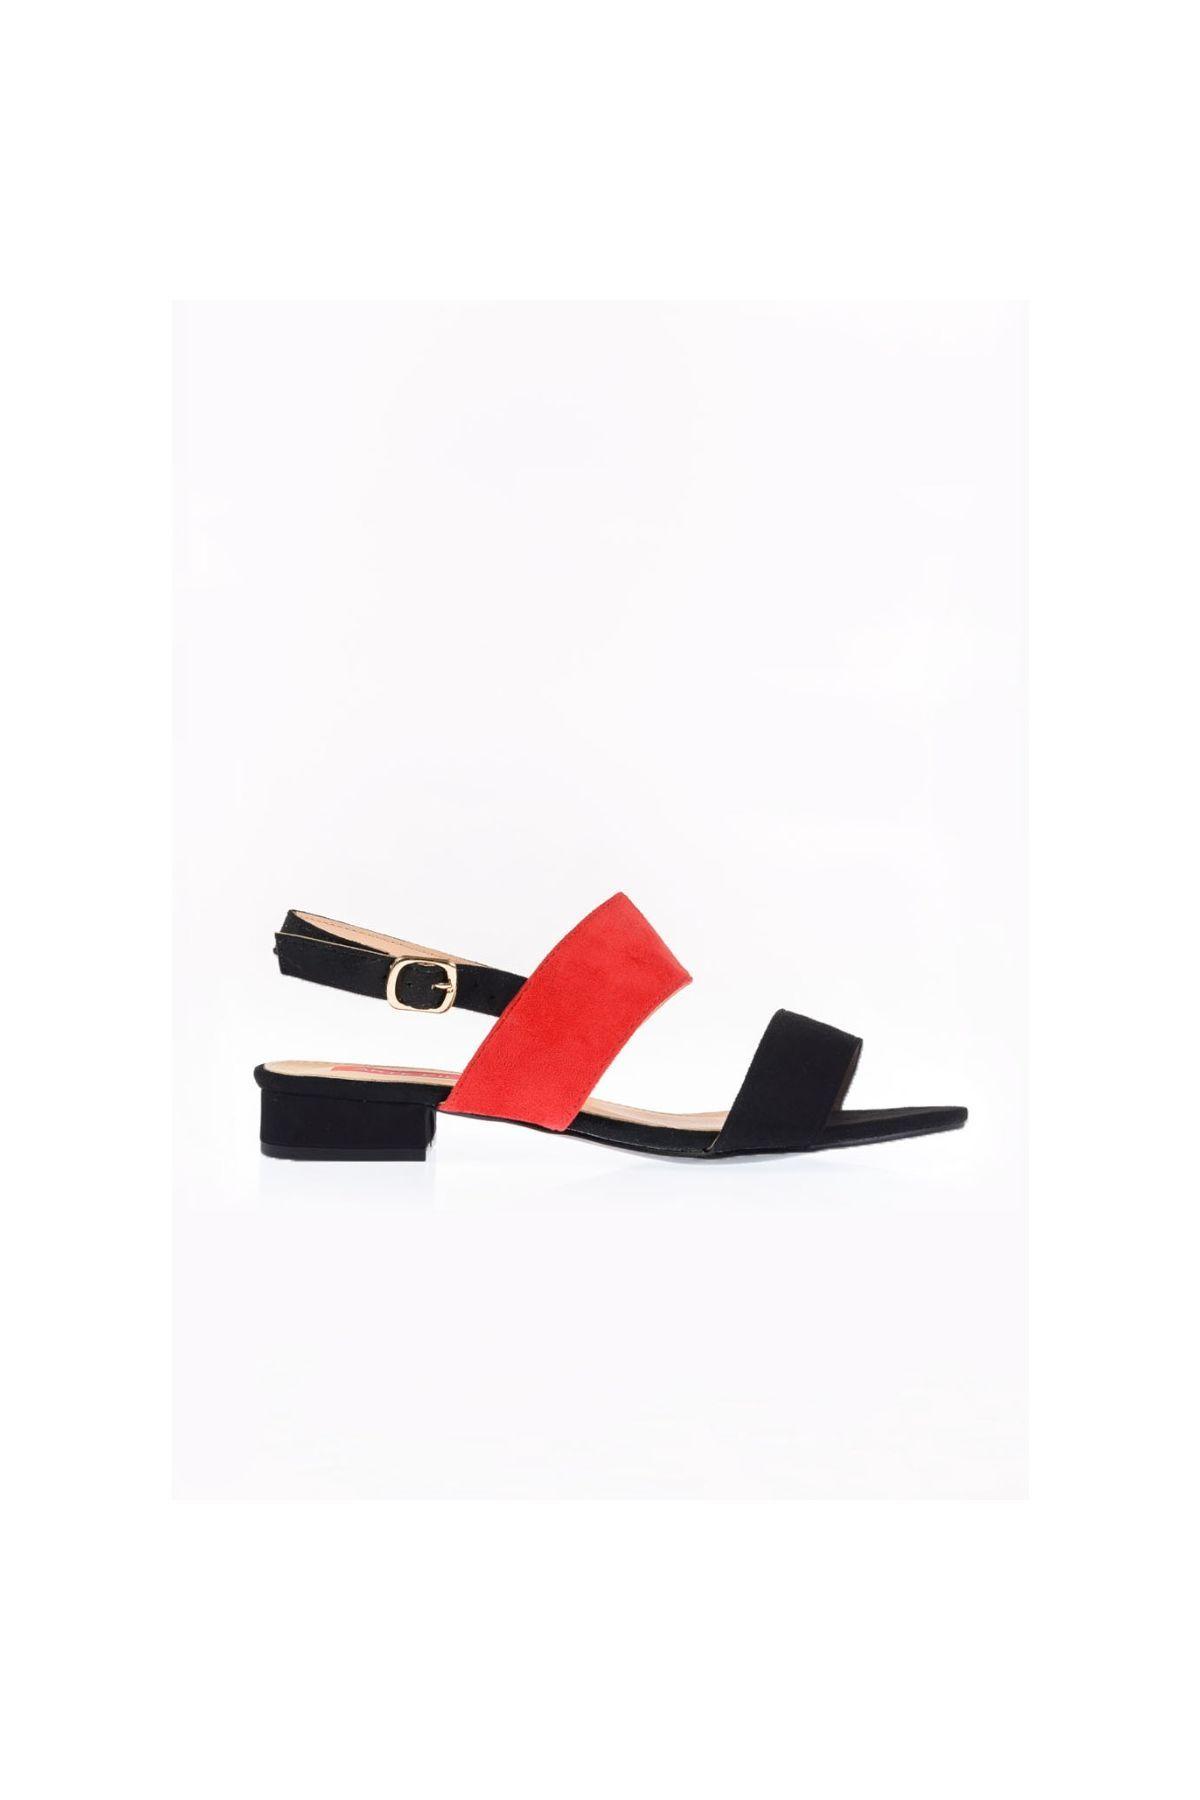 642b445d94a Kari Suede Πέδιλο, Μαύρο - Κόκκινο | shoes, 2019 | Μαύρο, Κόκκινο ...